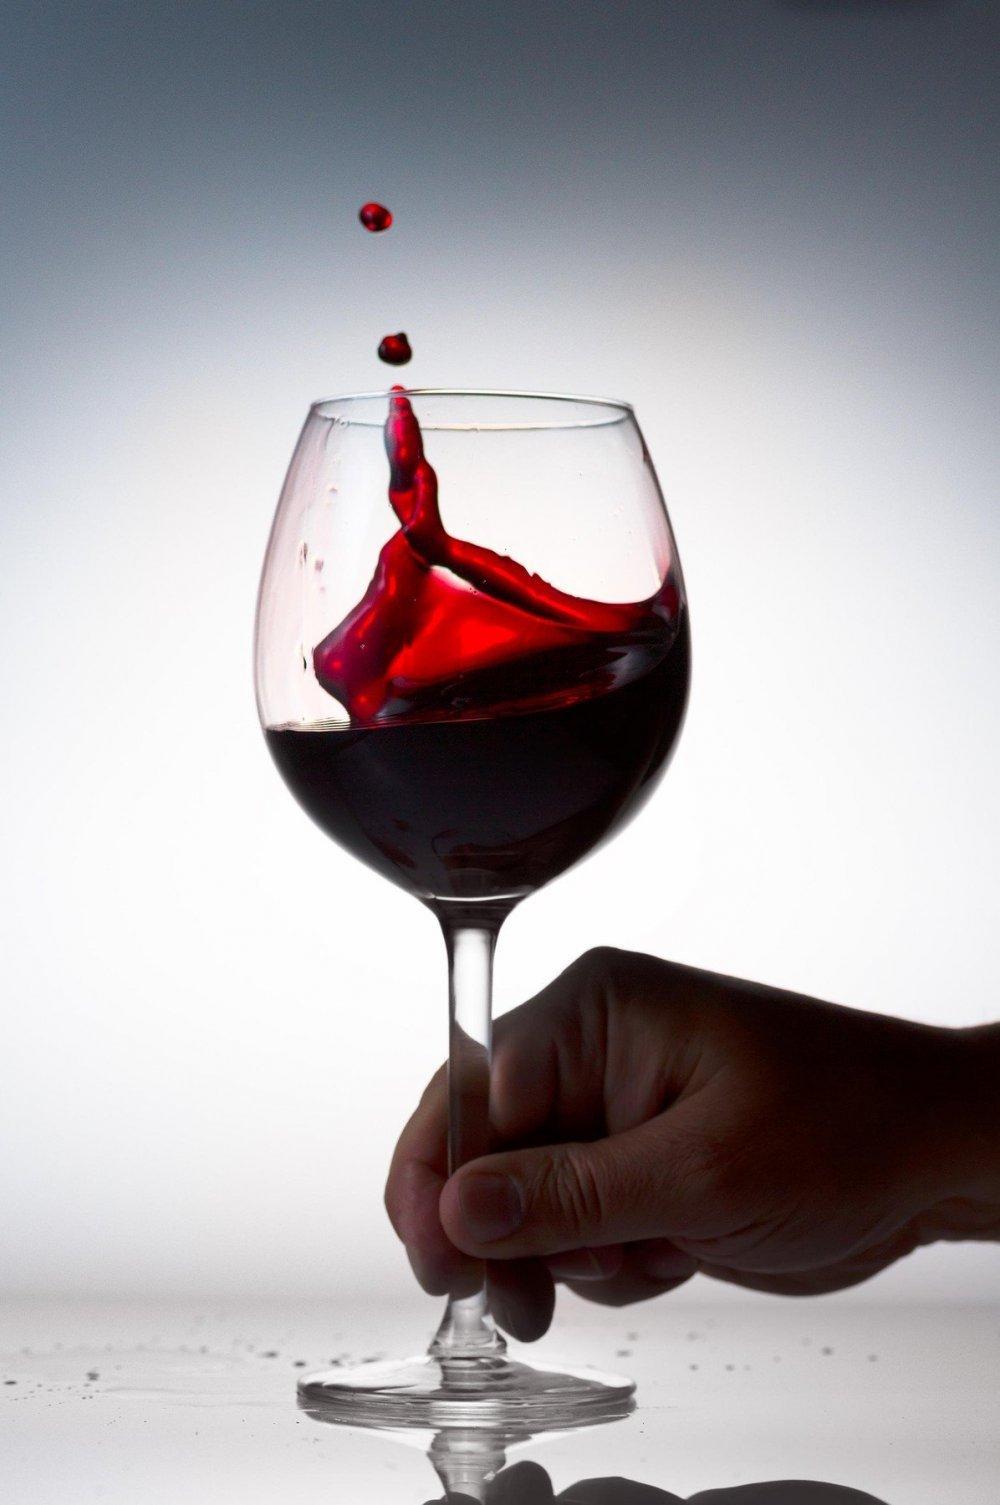 hipertenzija koja vina se može konzumirati